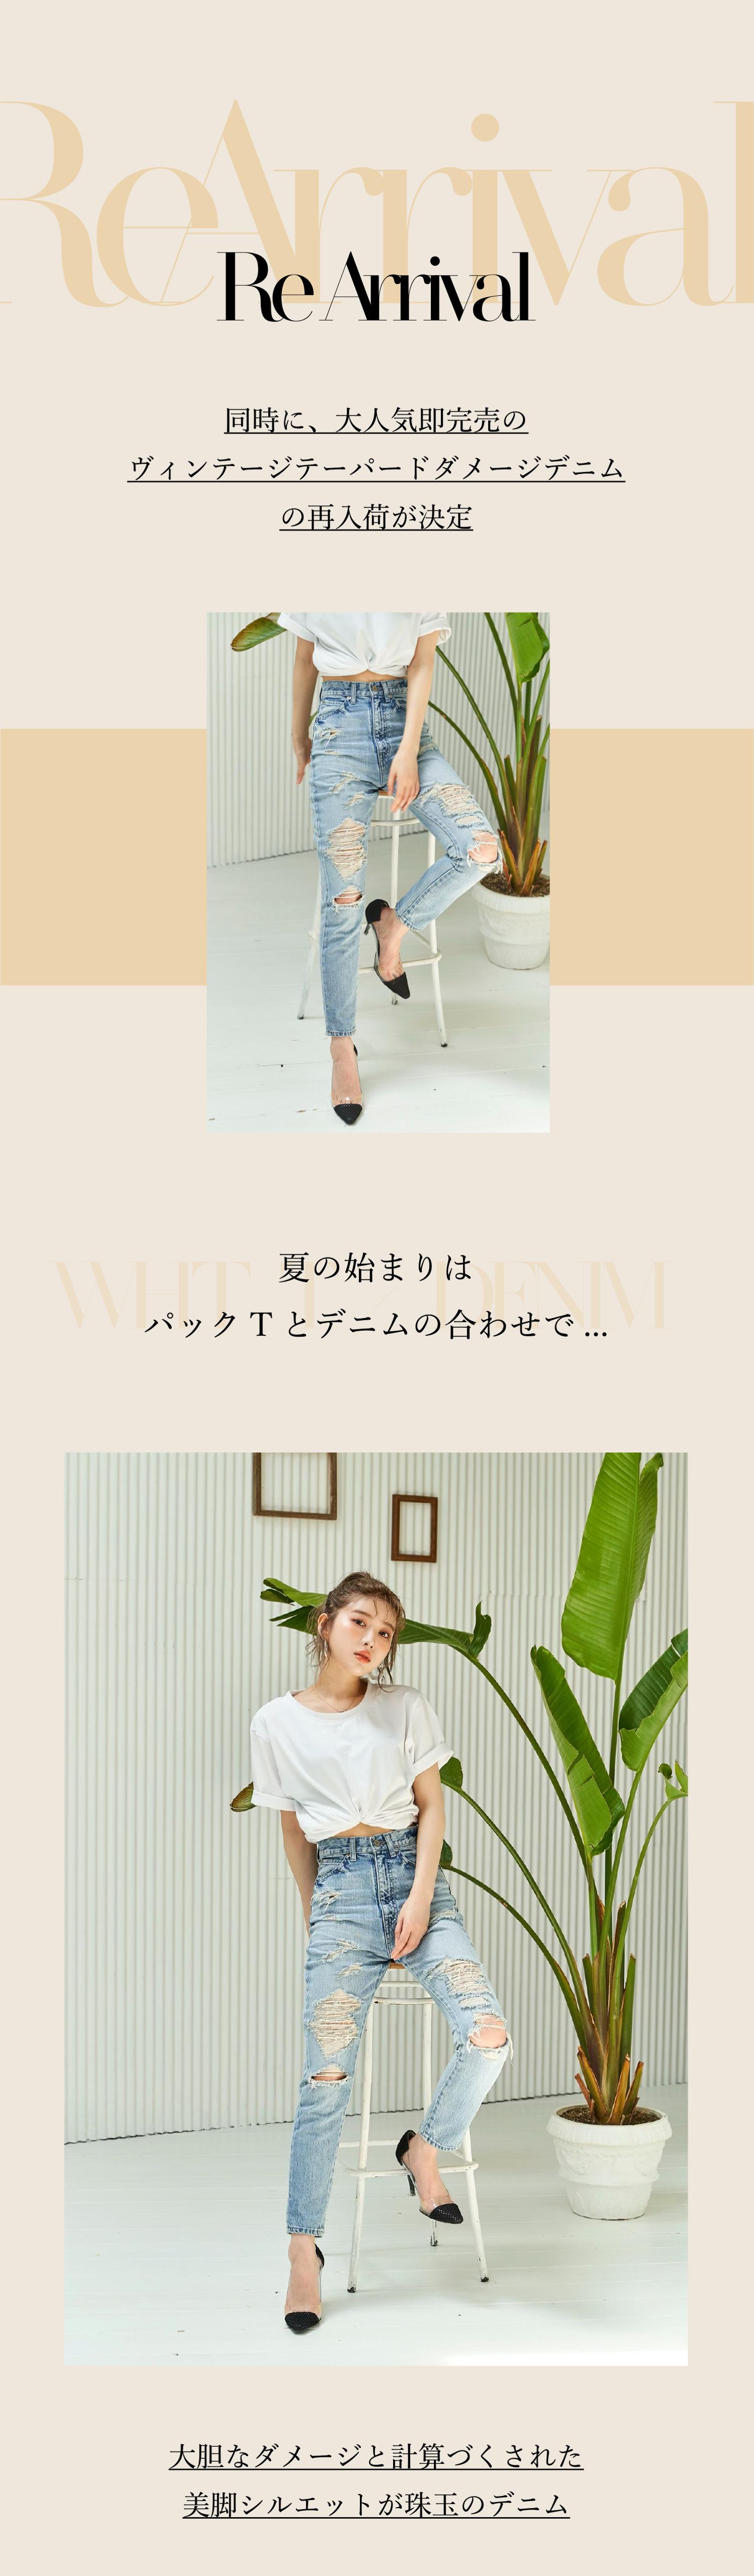 20SS MessagingパックTシャツ特集2